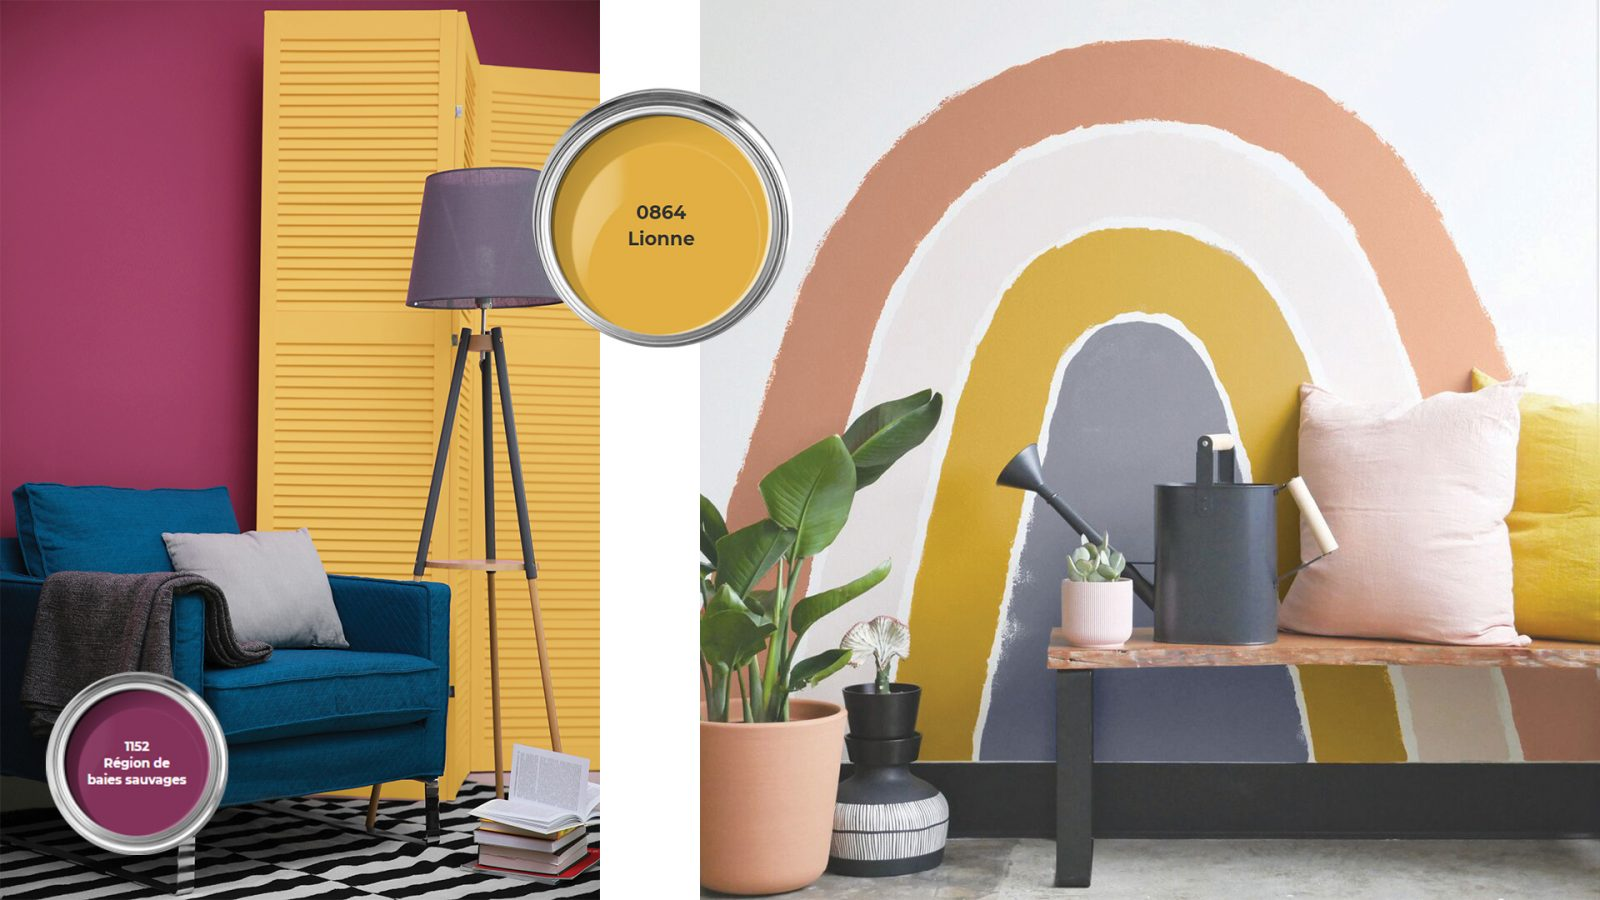 Quel Mur Peindre En Couleur Salon nos couleurs tendances 2020 - peintures mf